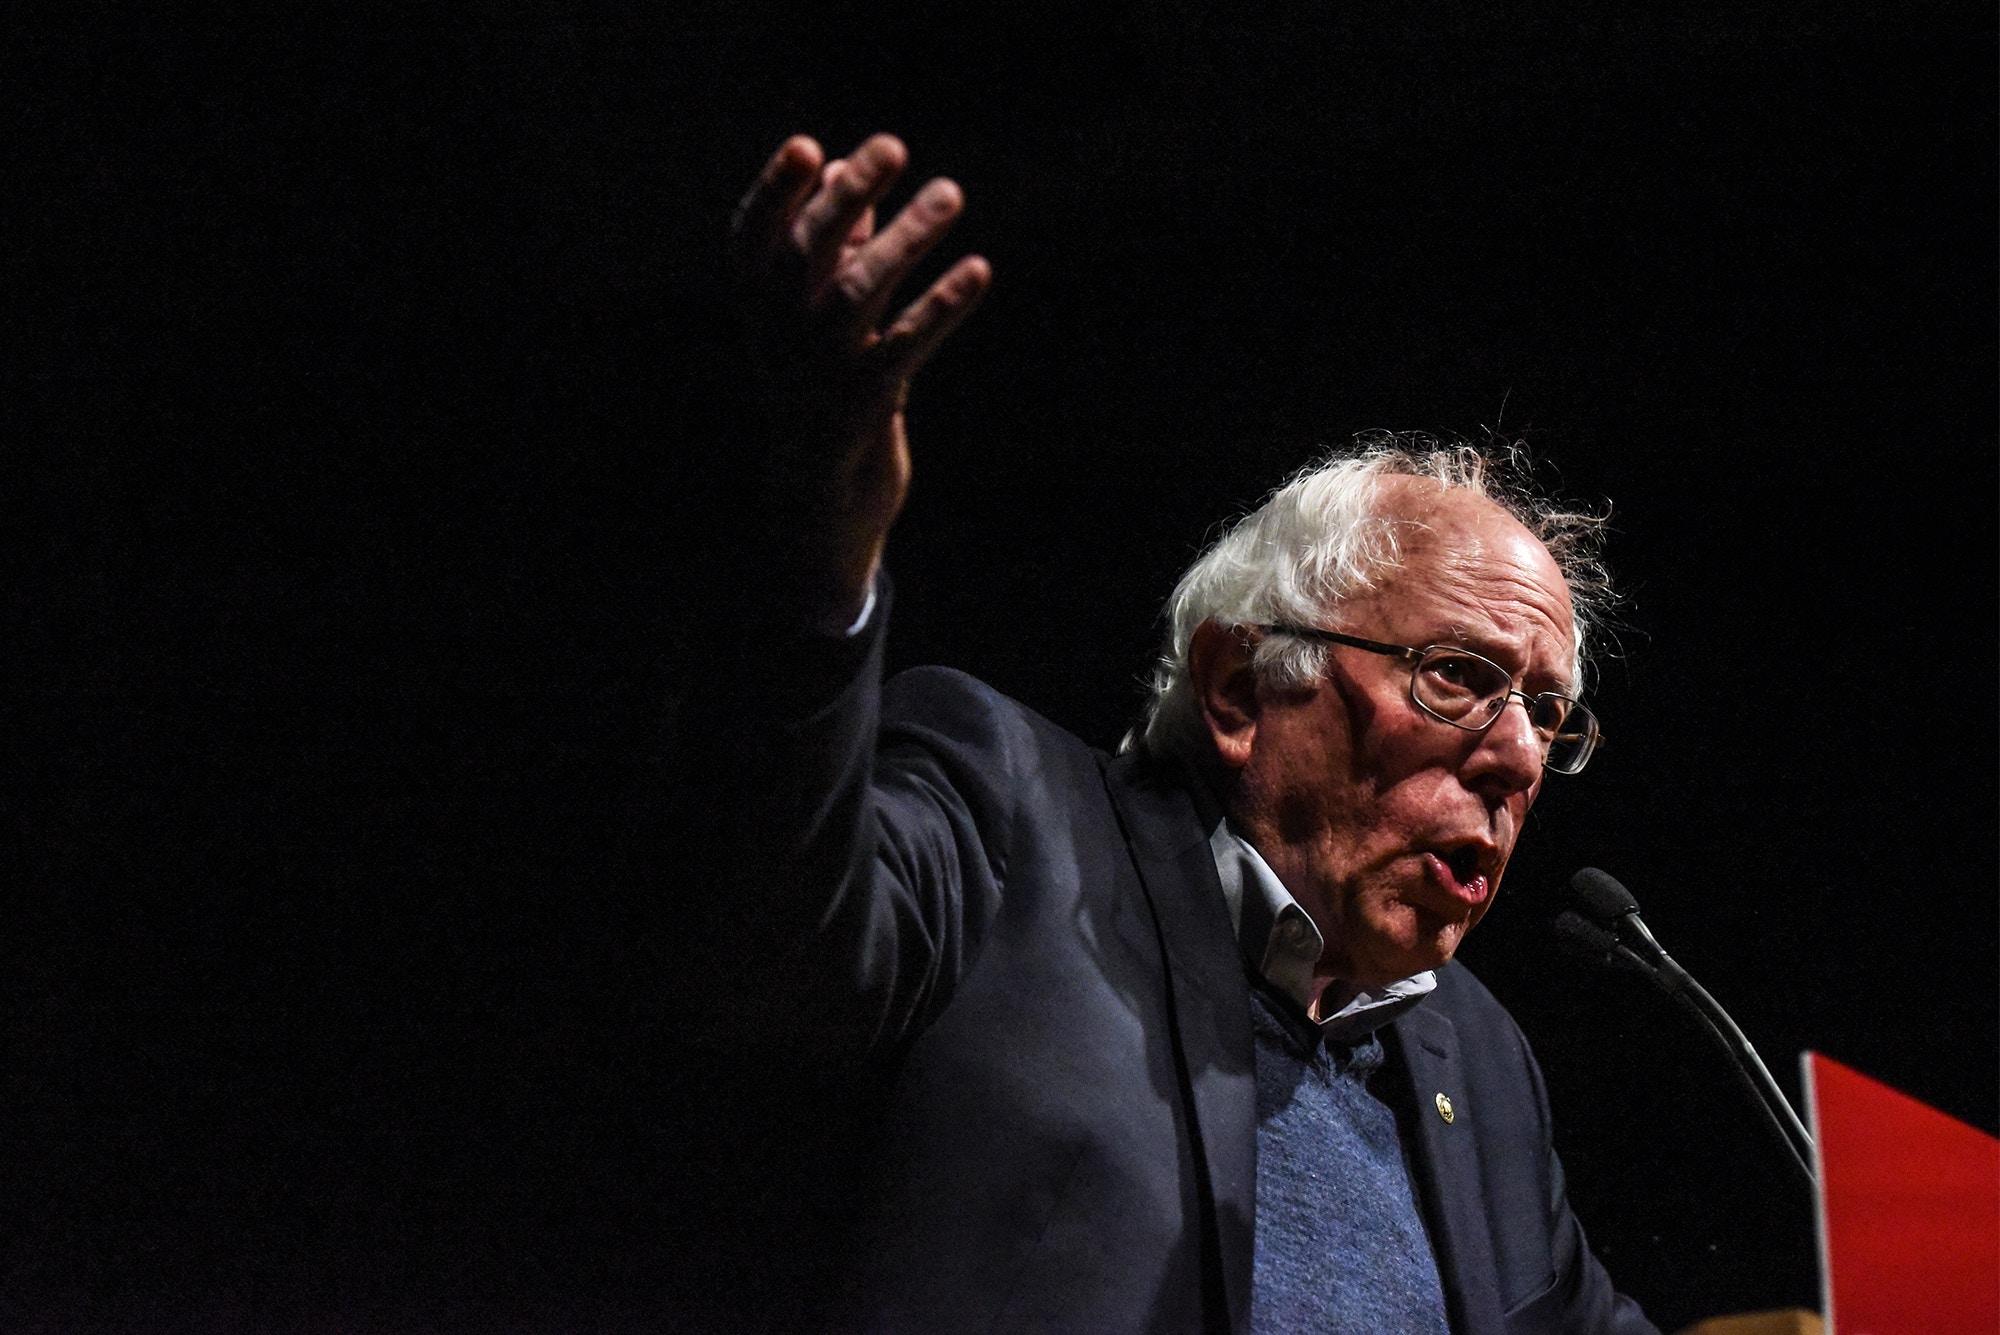 Bernie Sanders Is Not Too Old, Too White or Too Socialist